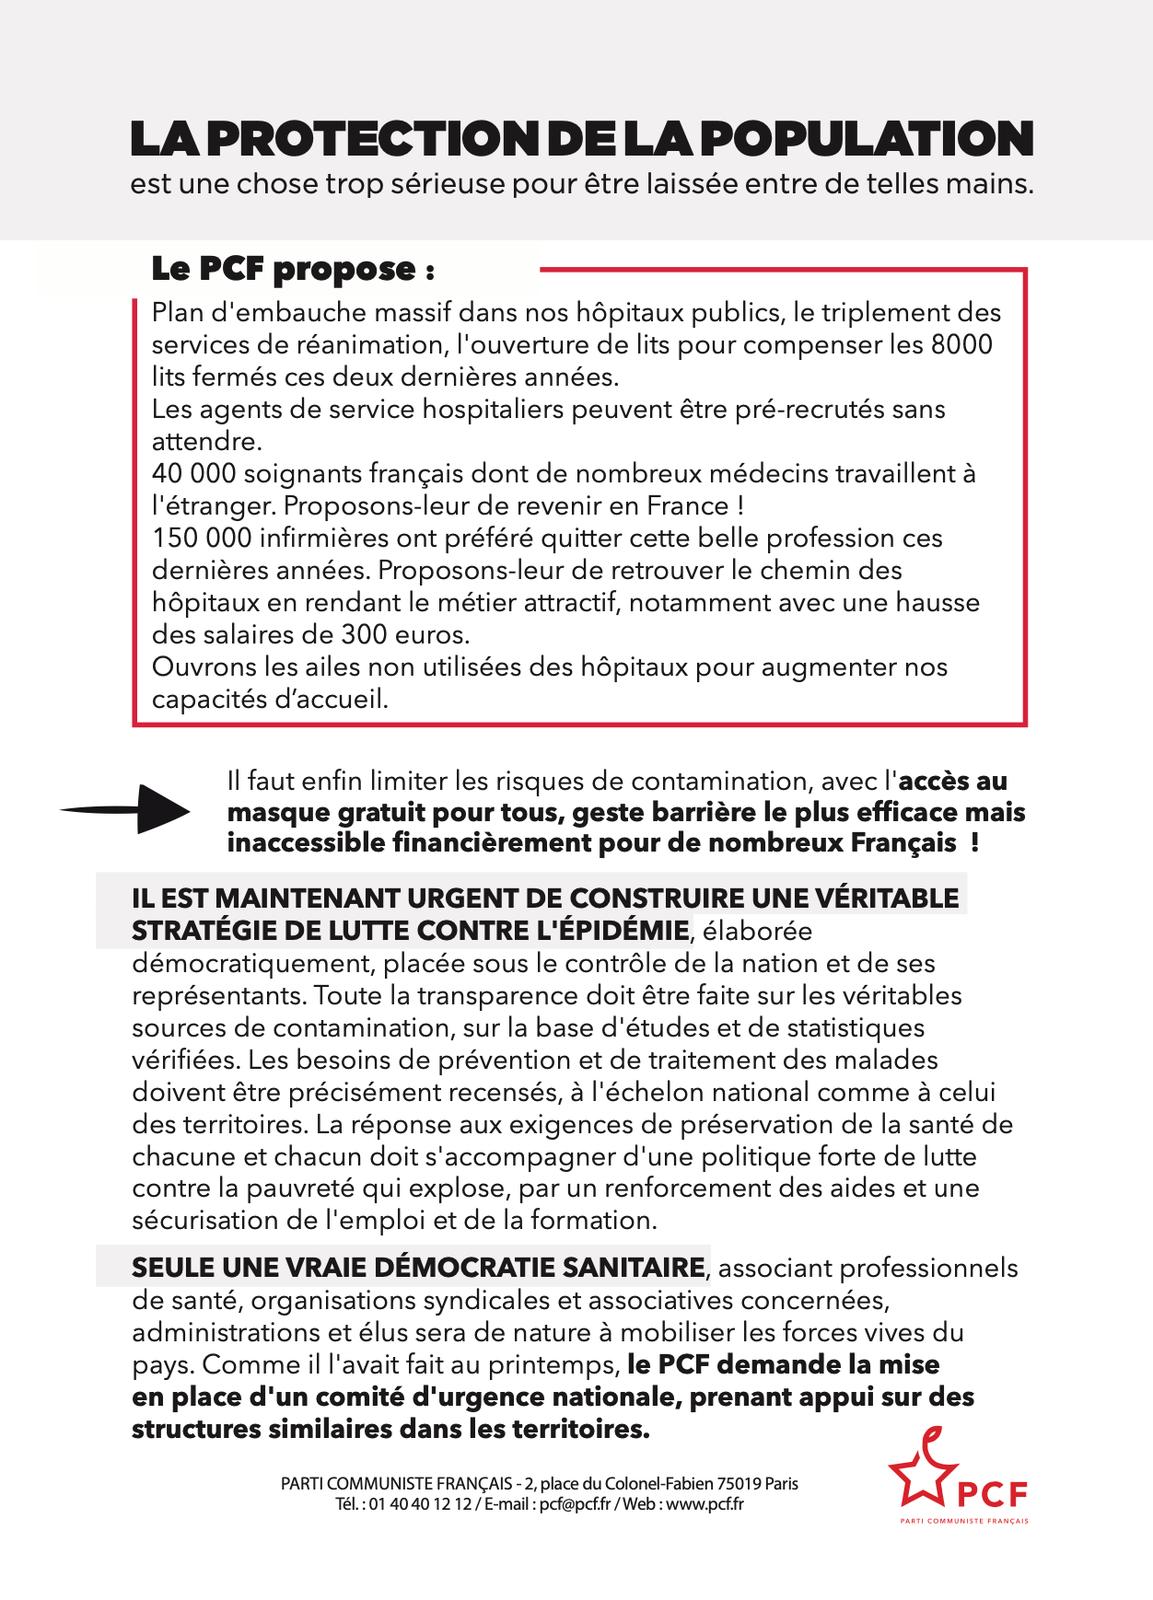 Couvre-feu. L'échec de la politique du gouvernement: le PCF réagit aux annonces du président Macron